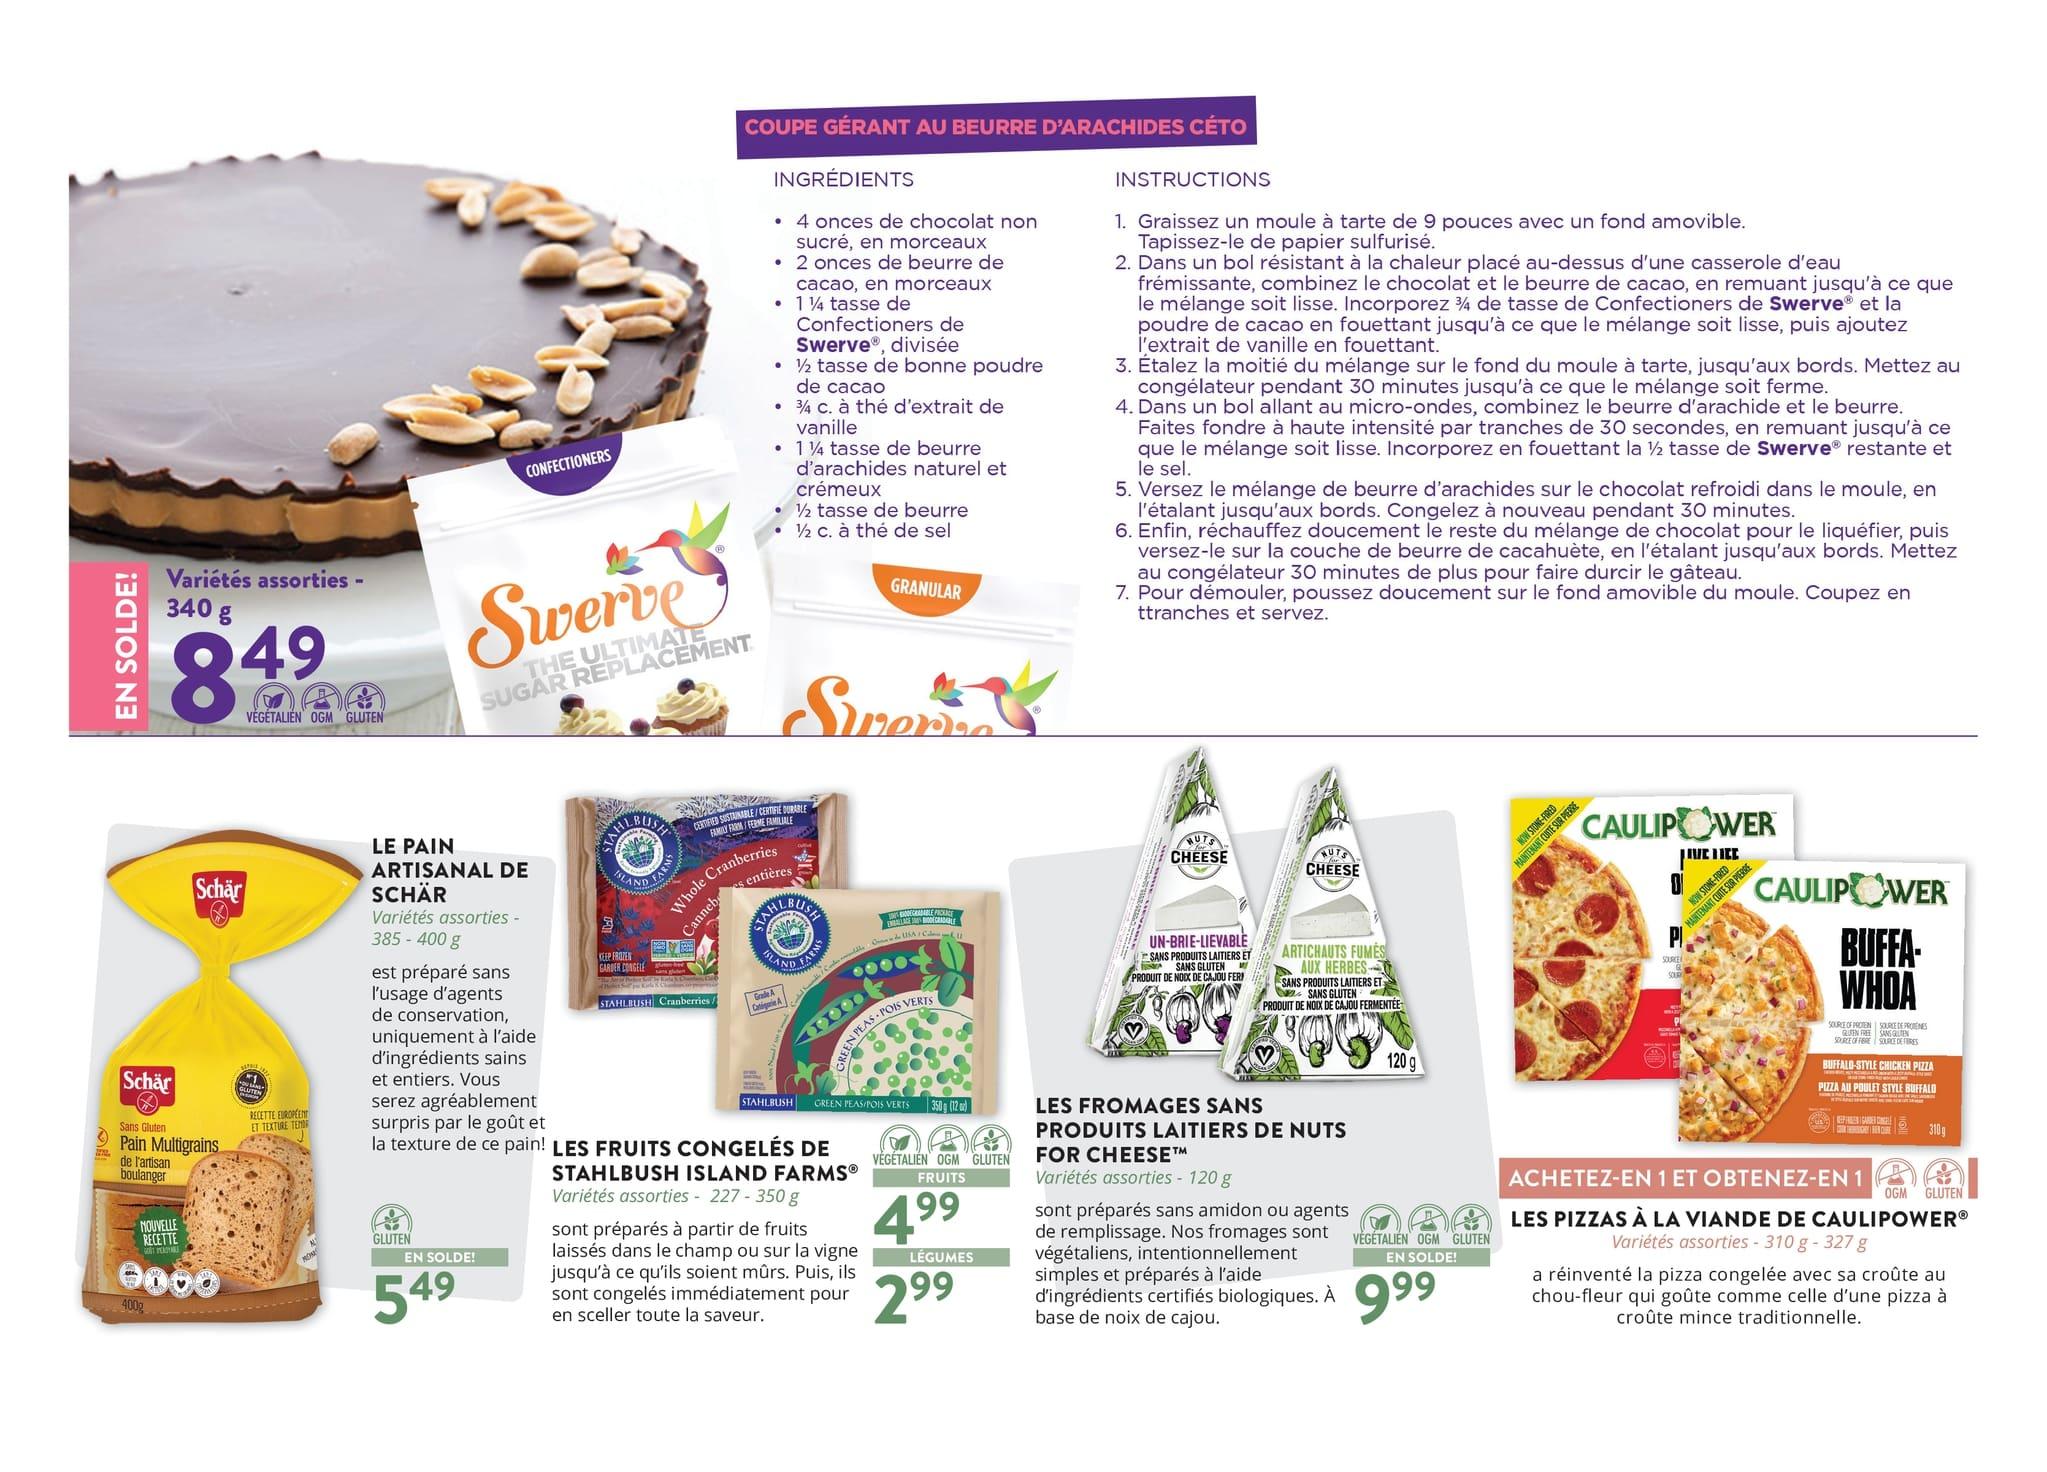 Circulaire Aliments Naturels Pleine Lune du  1 au 16 octobre 2021 - Page 4